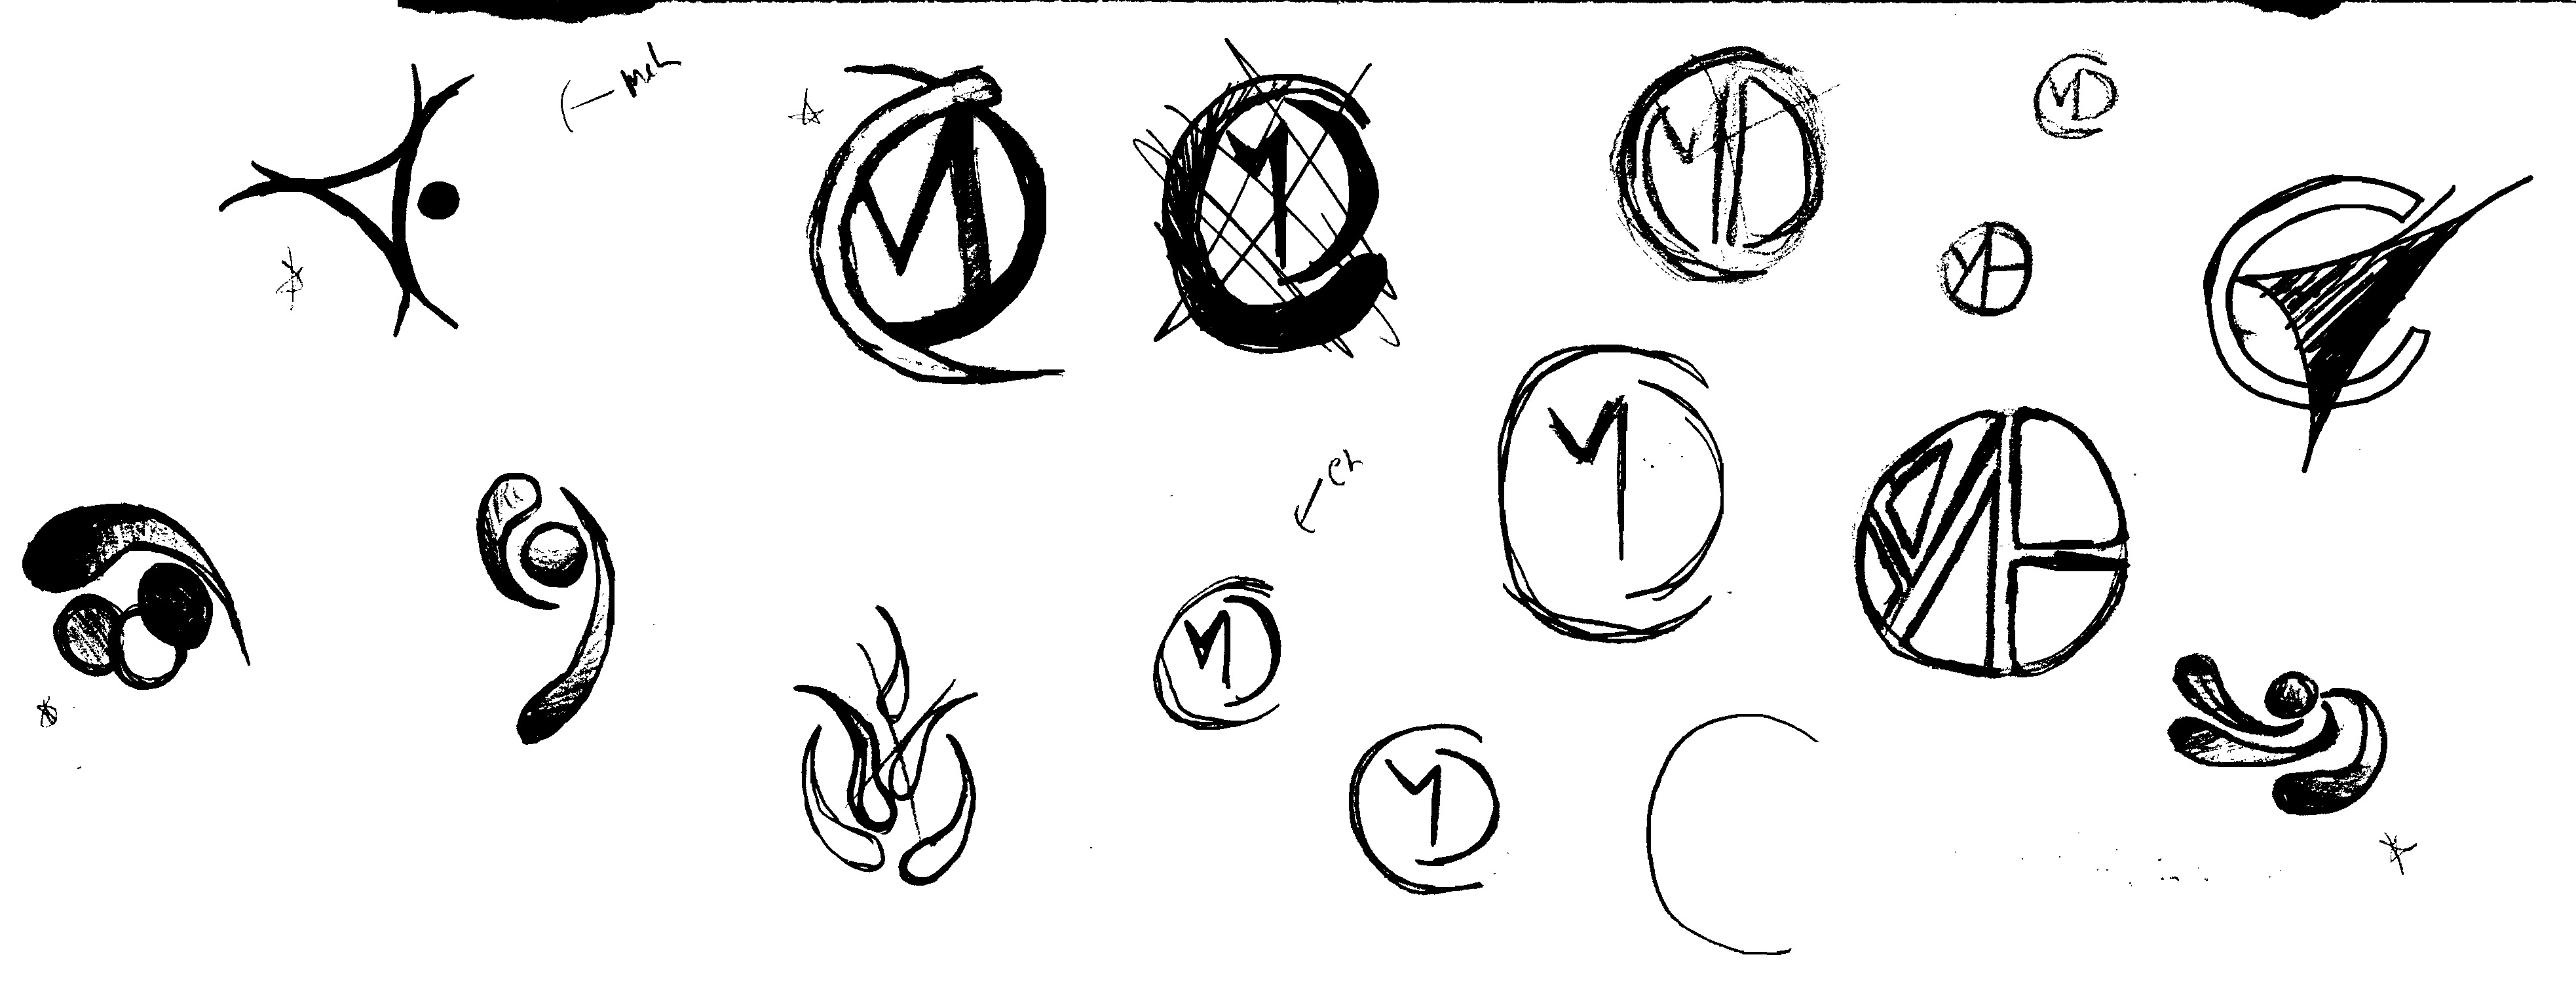 Central Missouri Dermatology Logo Sketches